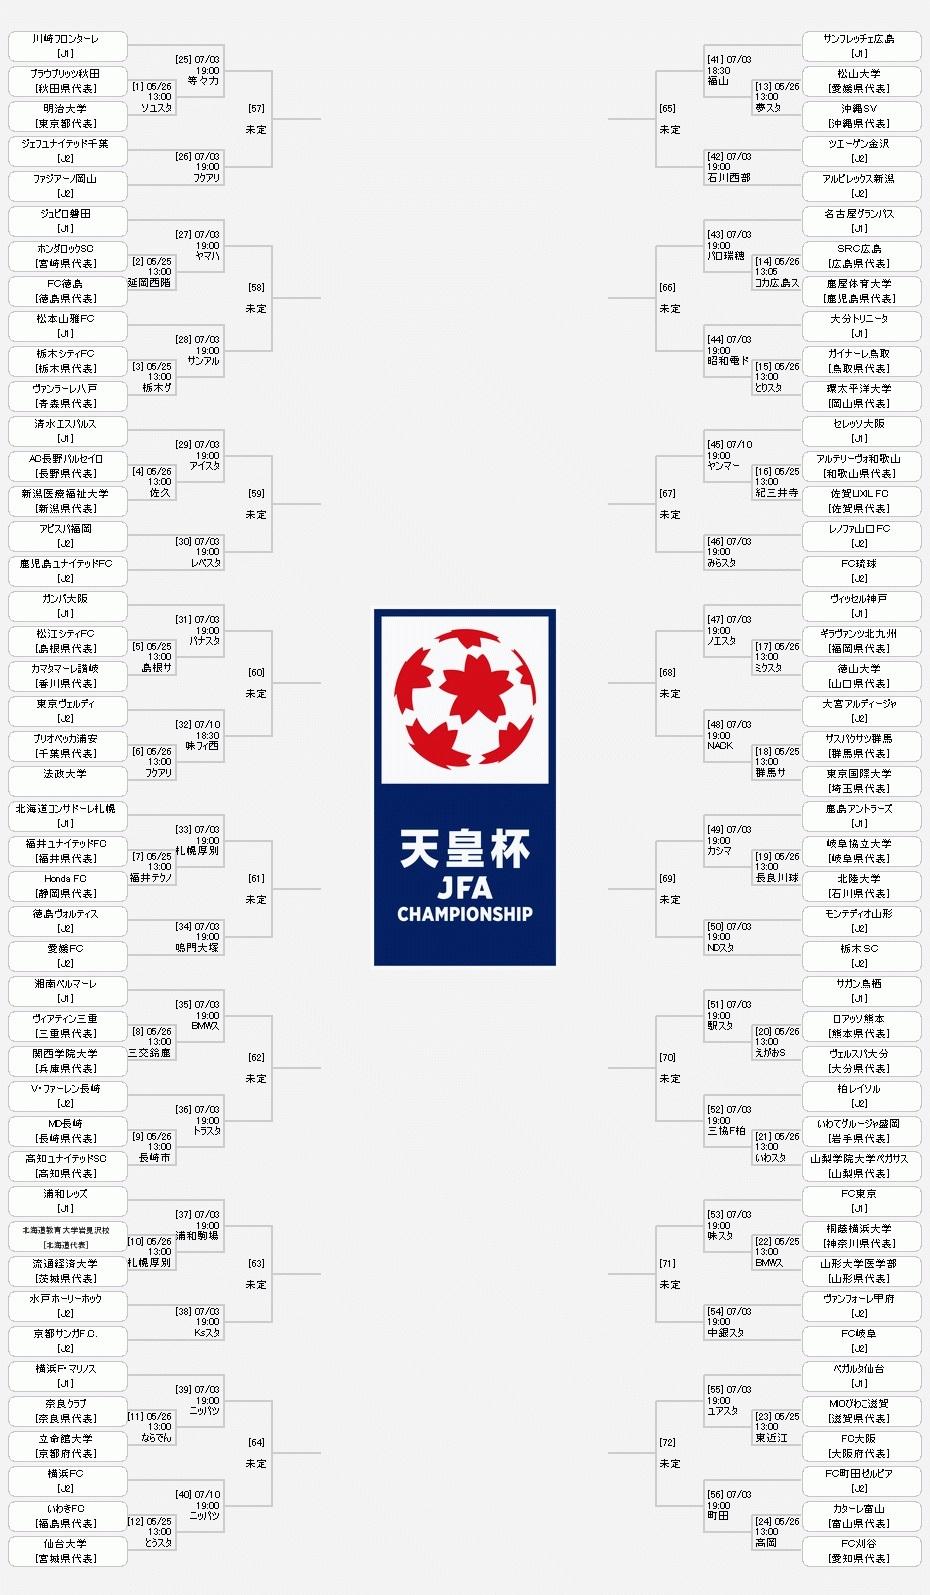 『天皇杯 JFA 第99回全日本サッカー選手権大会』の組み合わせ表